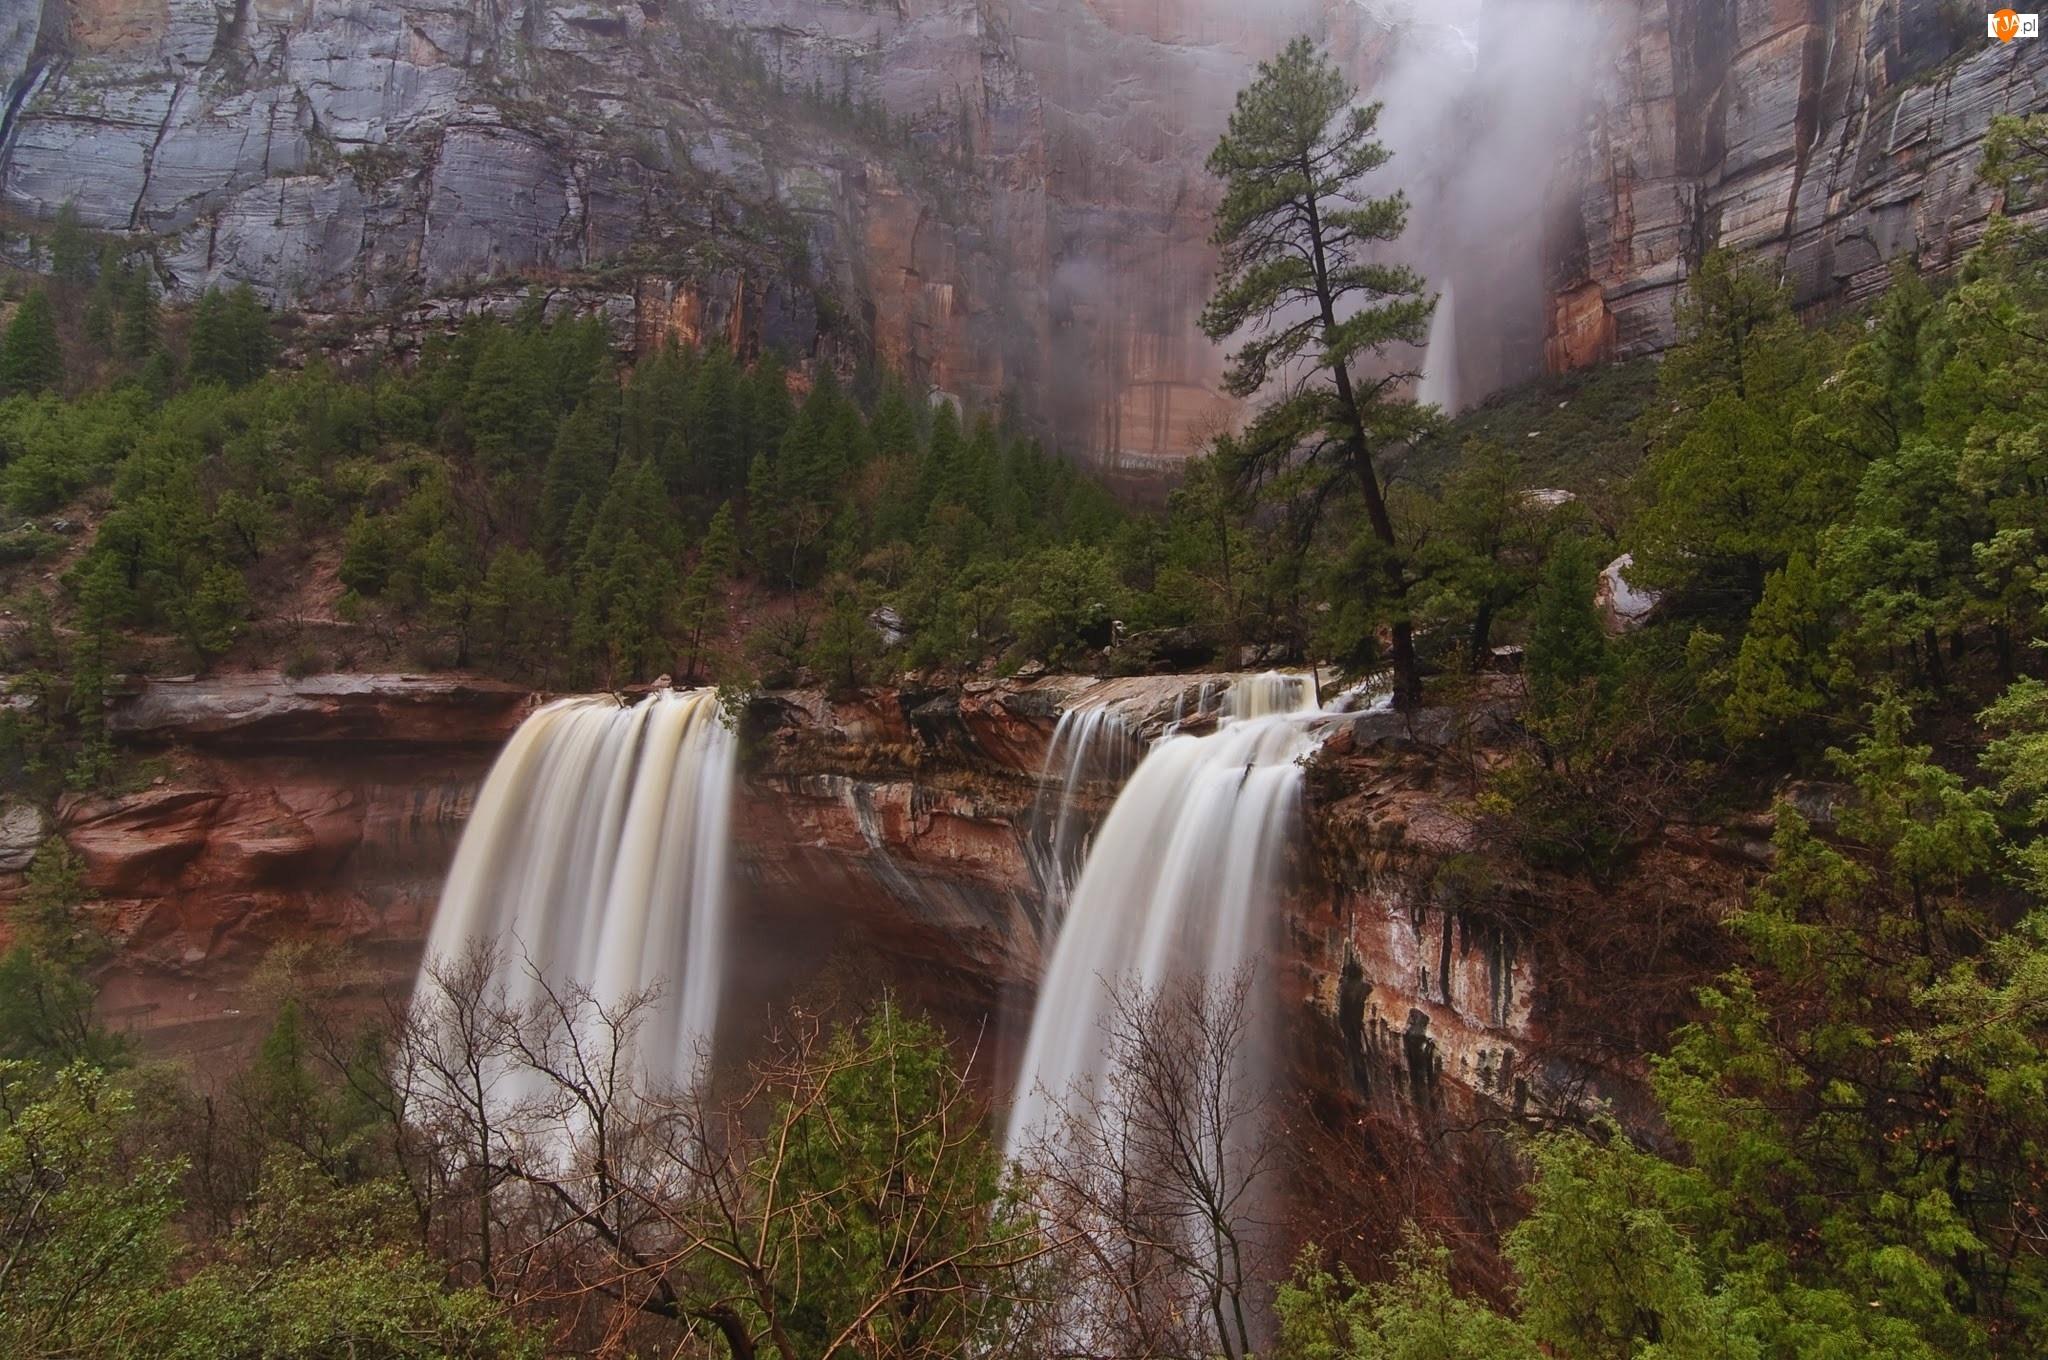 Skały, Wodospad, Drzewa